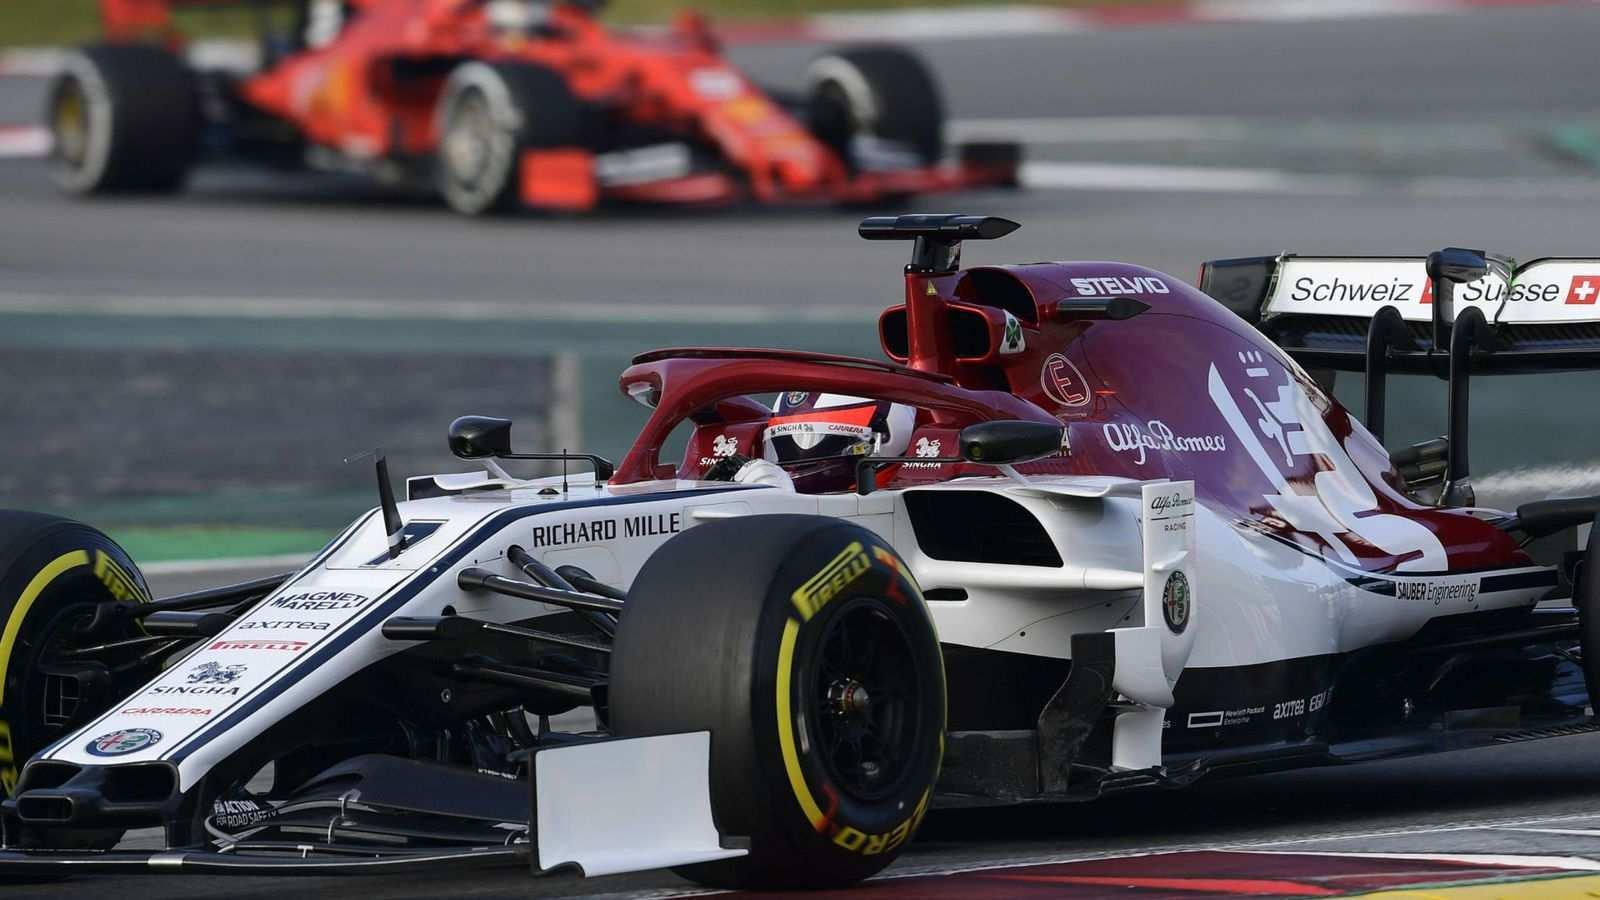 20 Great Ferrari 2019 Formula 1 Price And Release Date Concept for Ferrari 2019 Formula 1 Price And Release Date